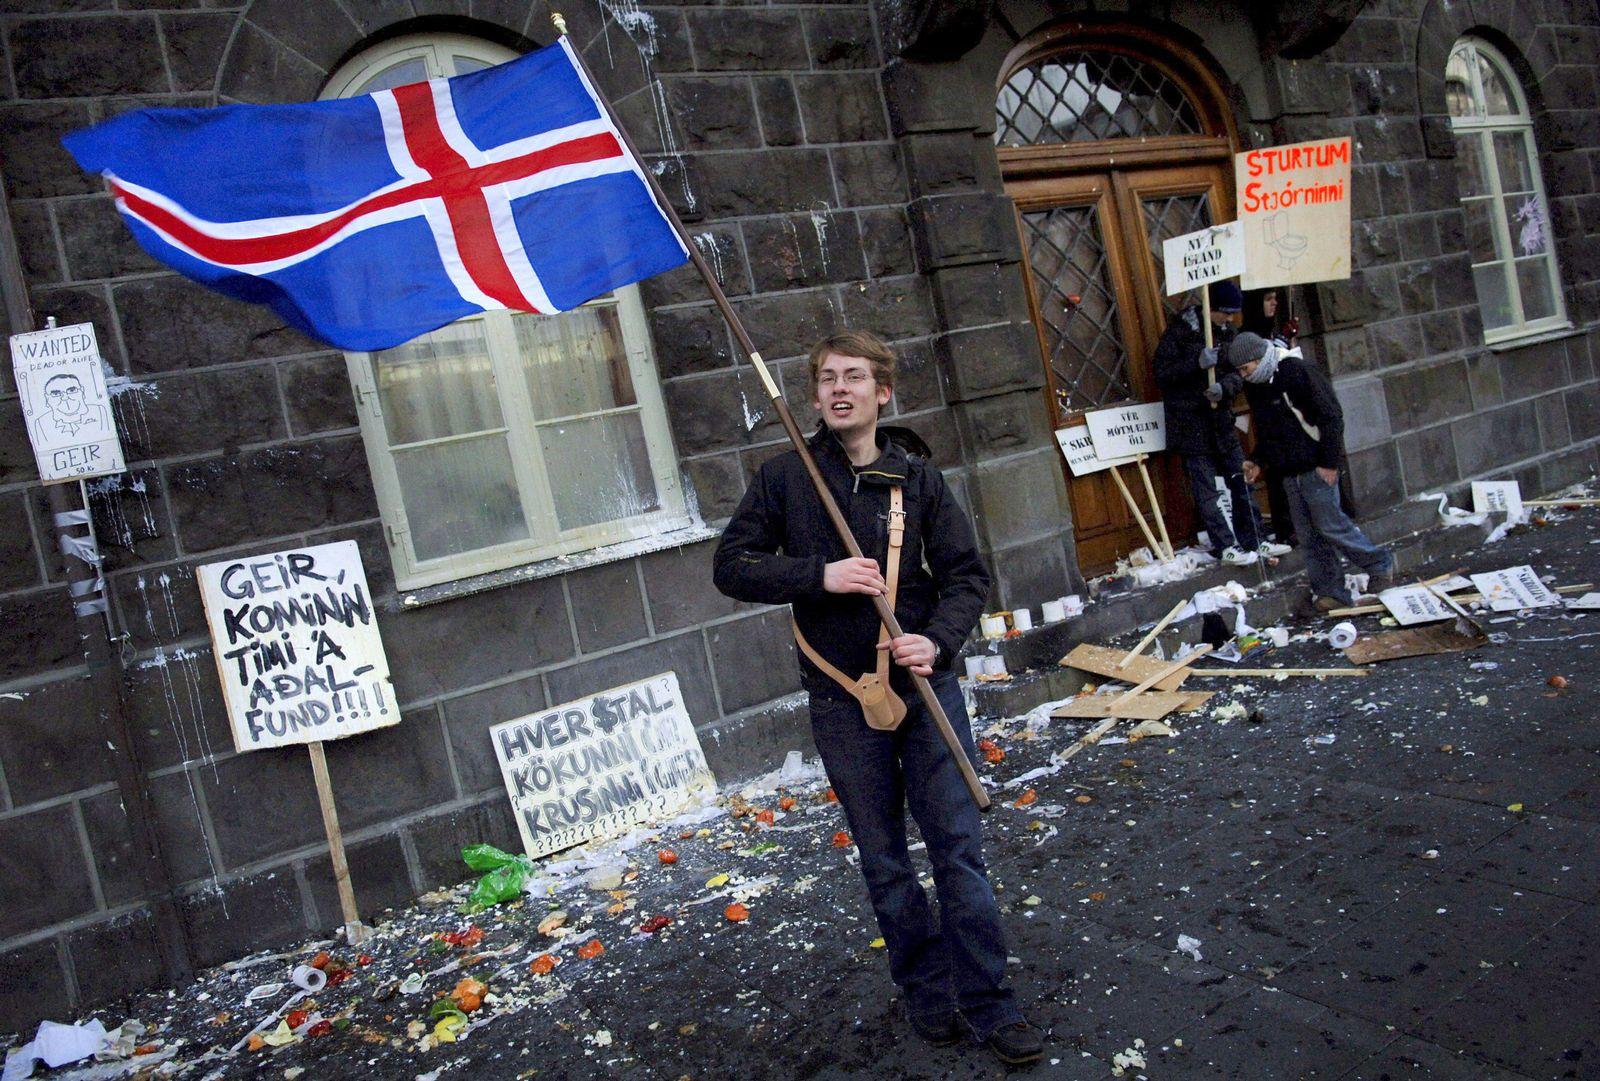 Island Finanzkrise Proteste